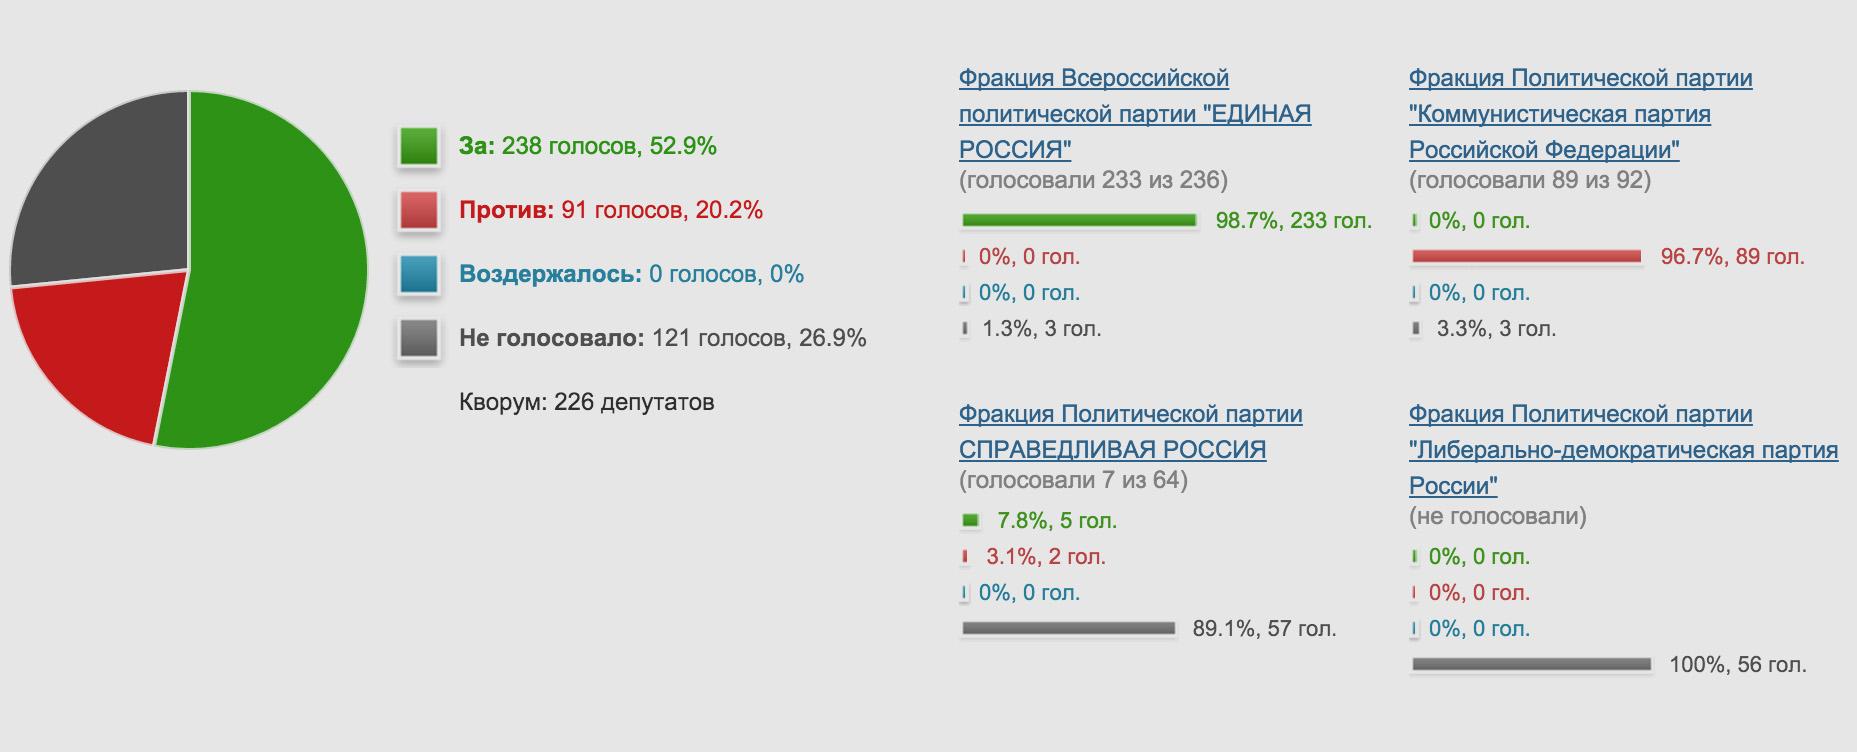 Результаты голосования по закону о клевете в отношении судей.